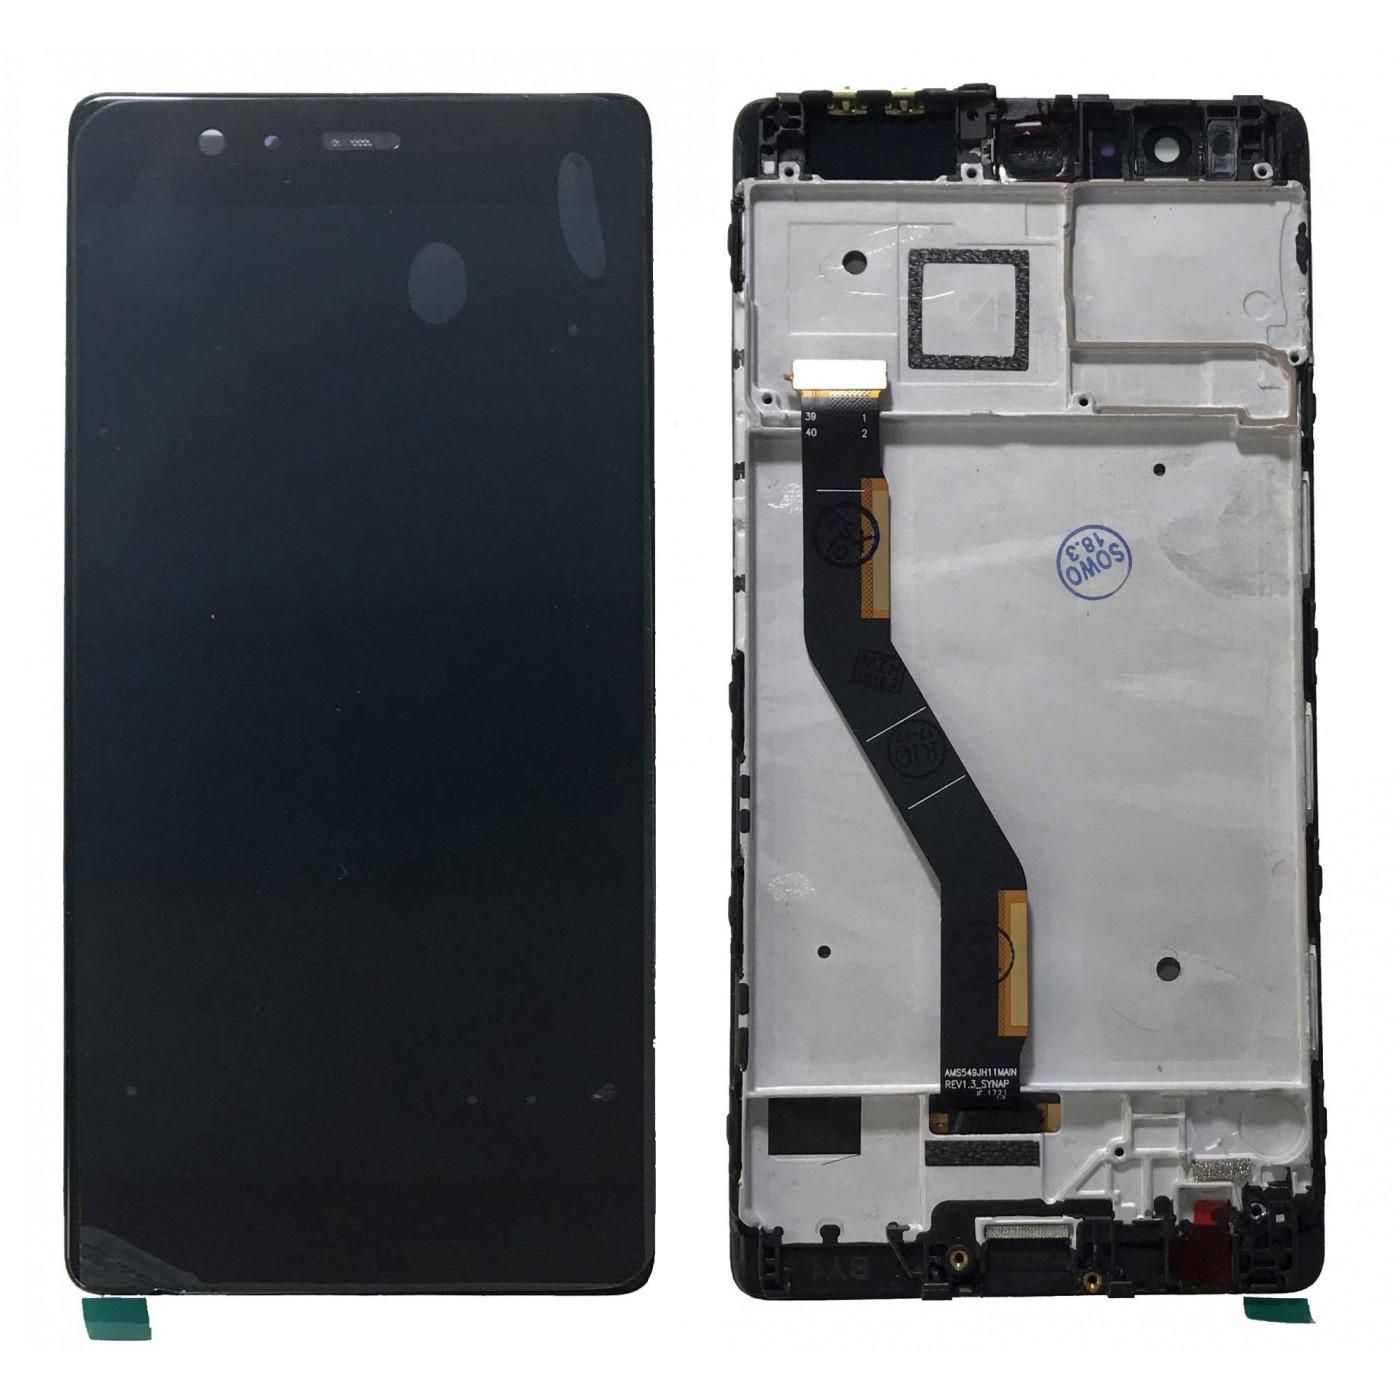 ÉCRAN LCD pour Huawei P9 PLUS VIE-L09 cadre noir écran tactile en verre